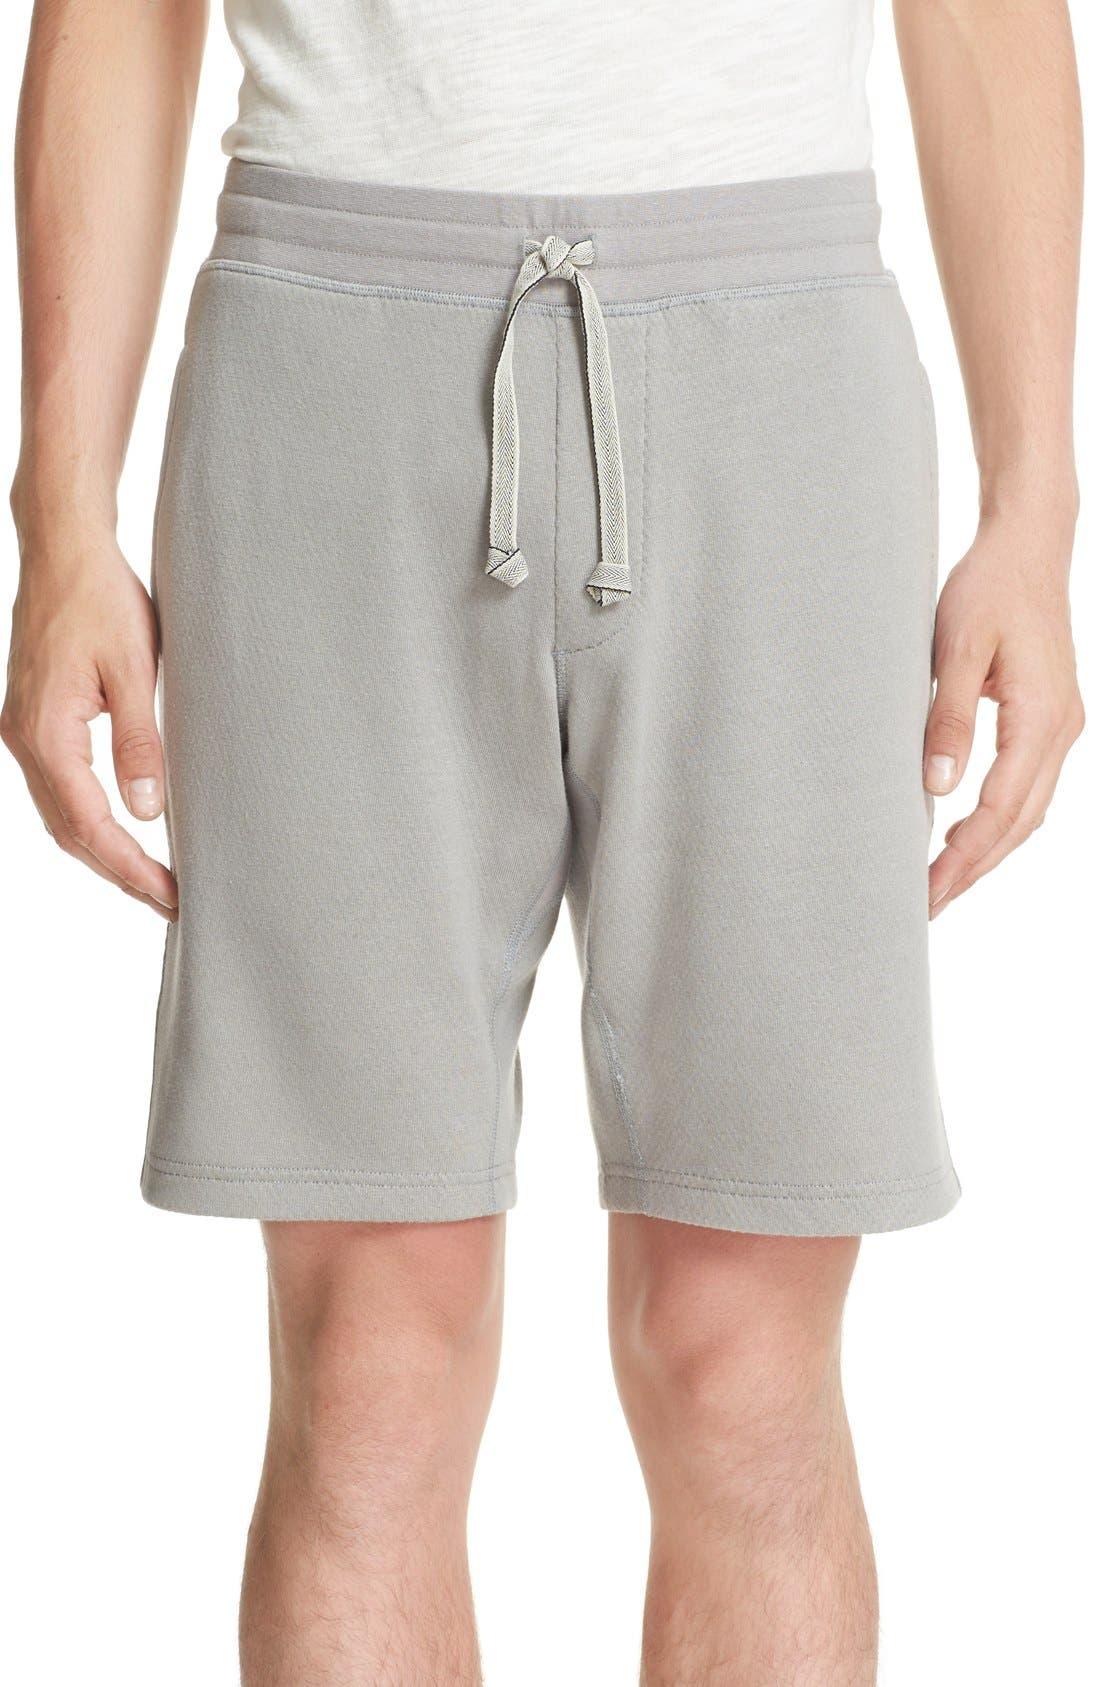 Bonded Jersey Shorts,                             Main thumbnail 1, color,                             Grey